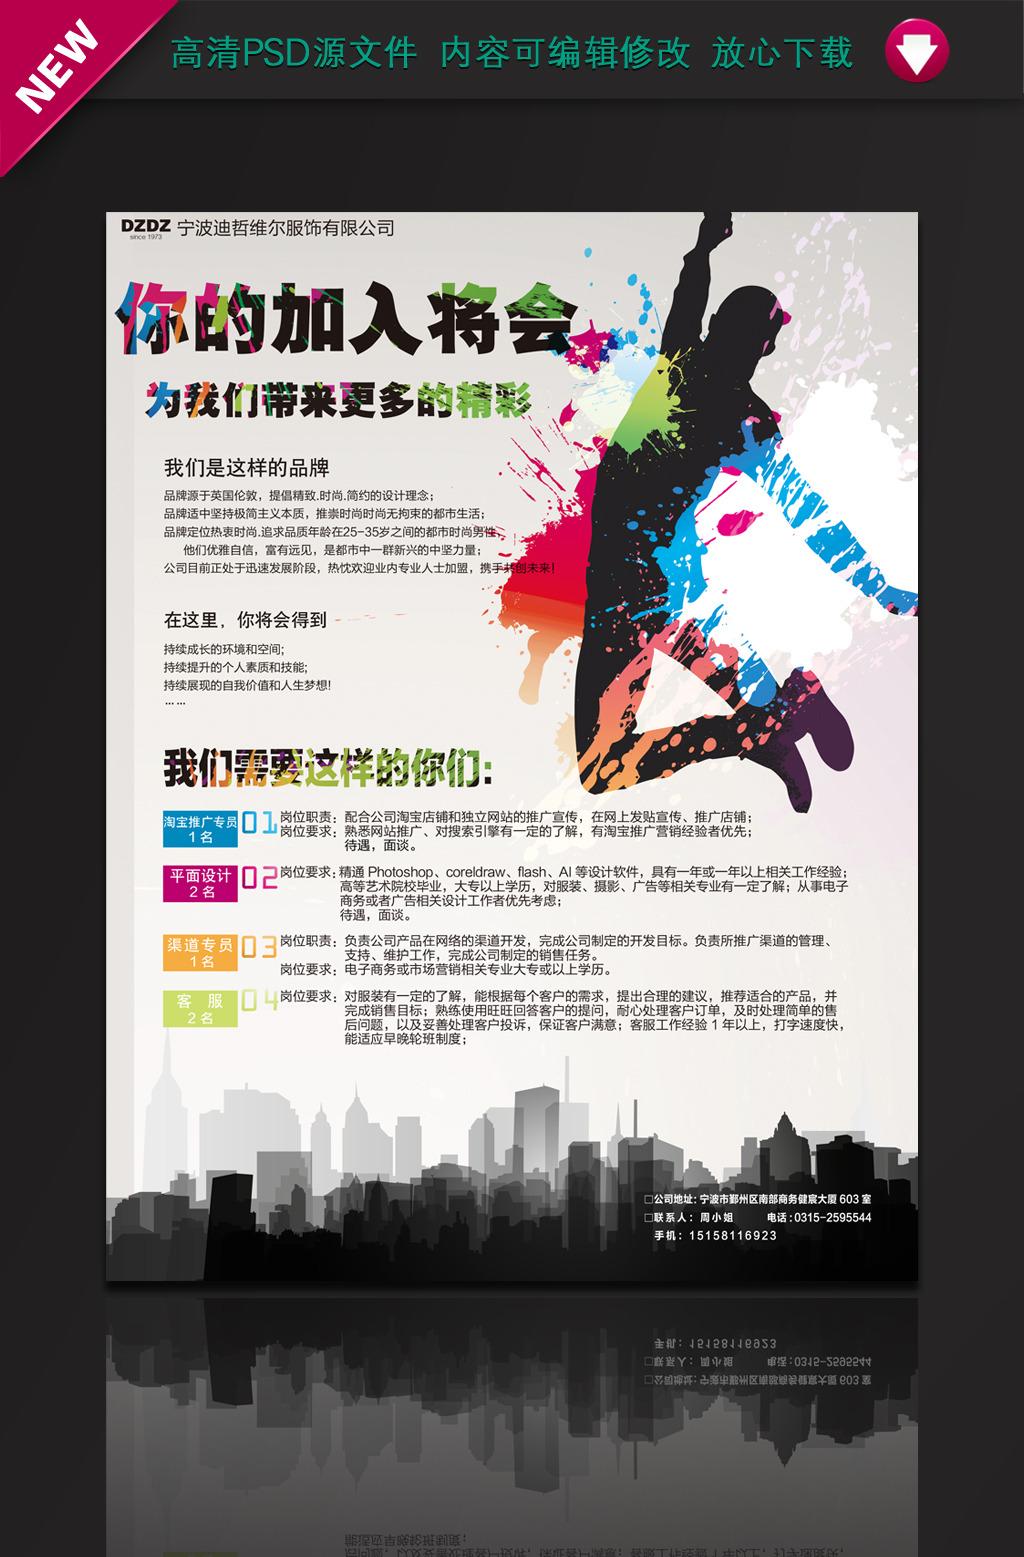 淘宝服装招聘海报模板下载(图片编号:12215842)_海报